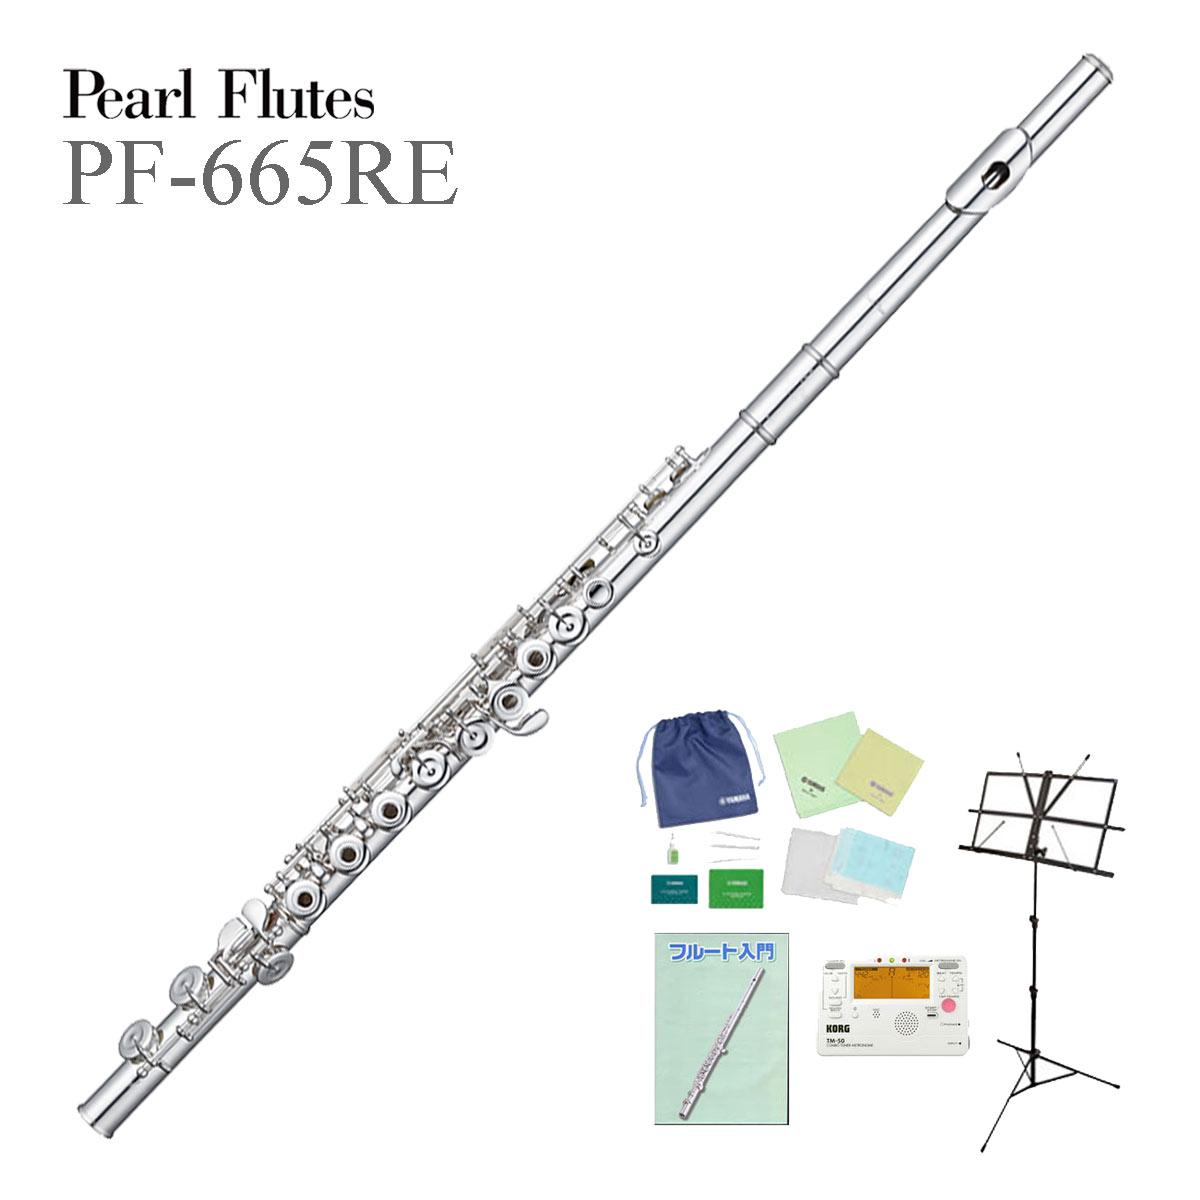 Pearl / PF-665RE パール フルート オフセット リングキィ ドルチェ PF665RE 頭部管銀製 《未展示保管の新品をお届け》【全部入りセット】